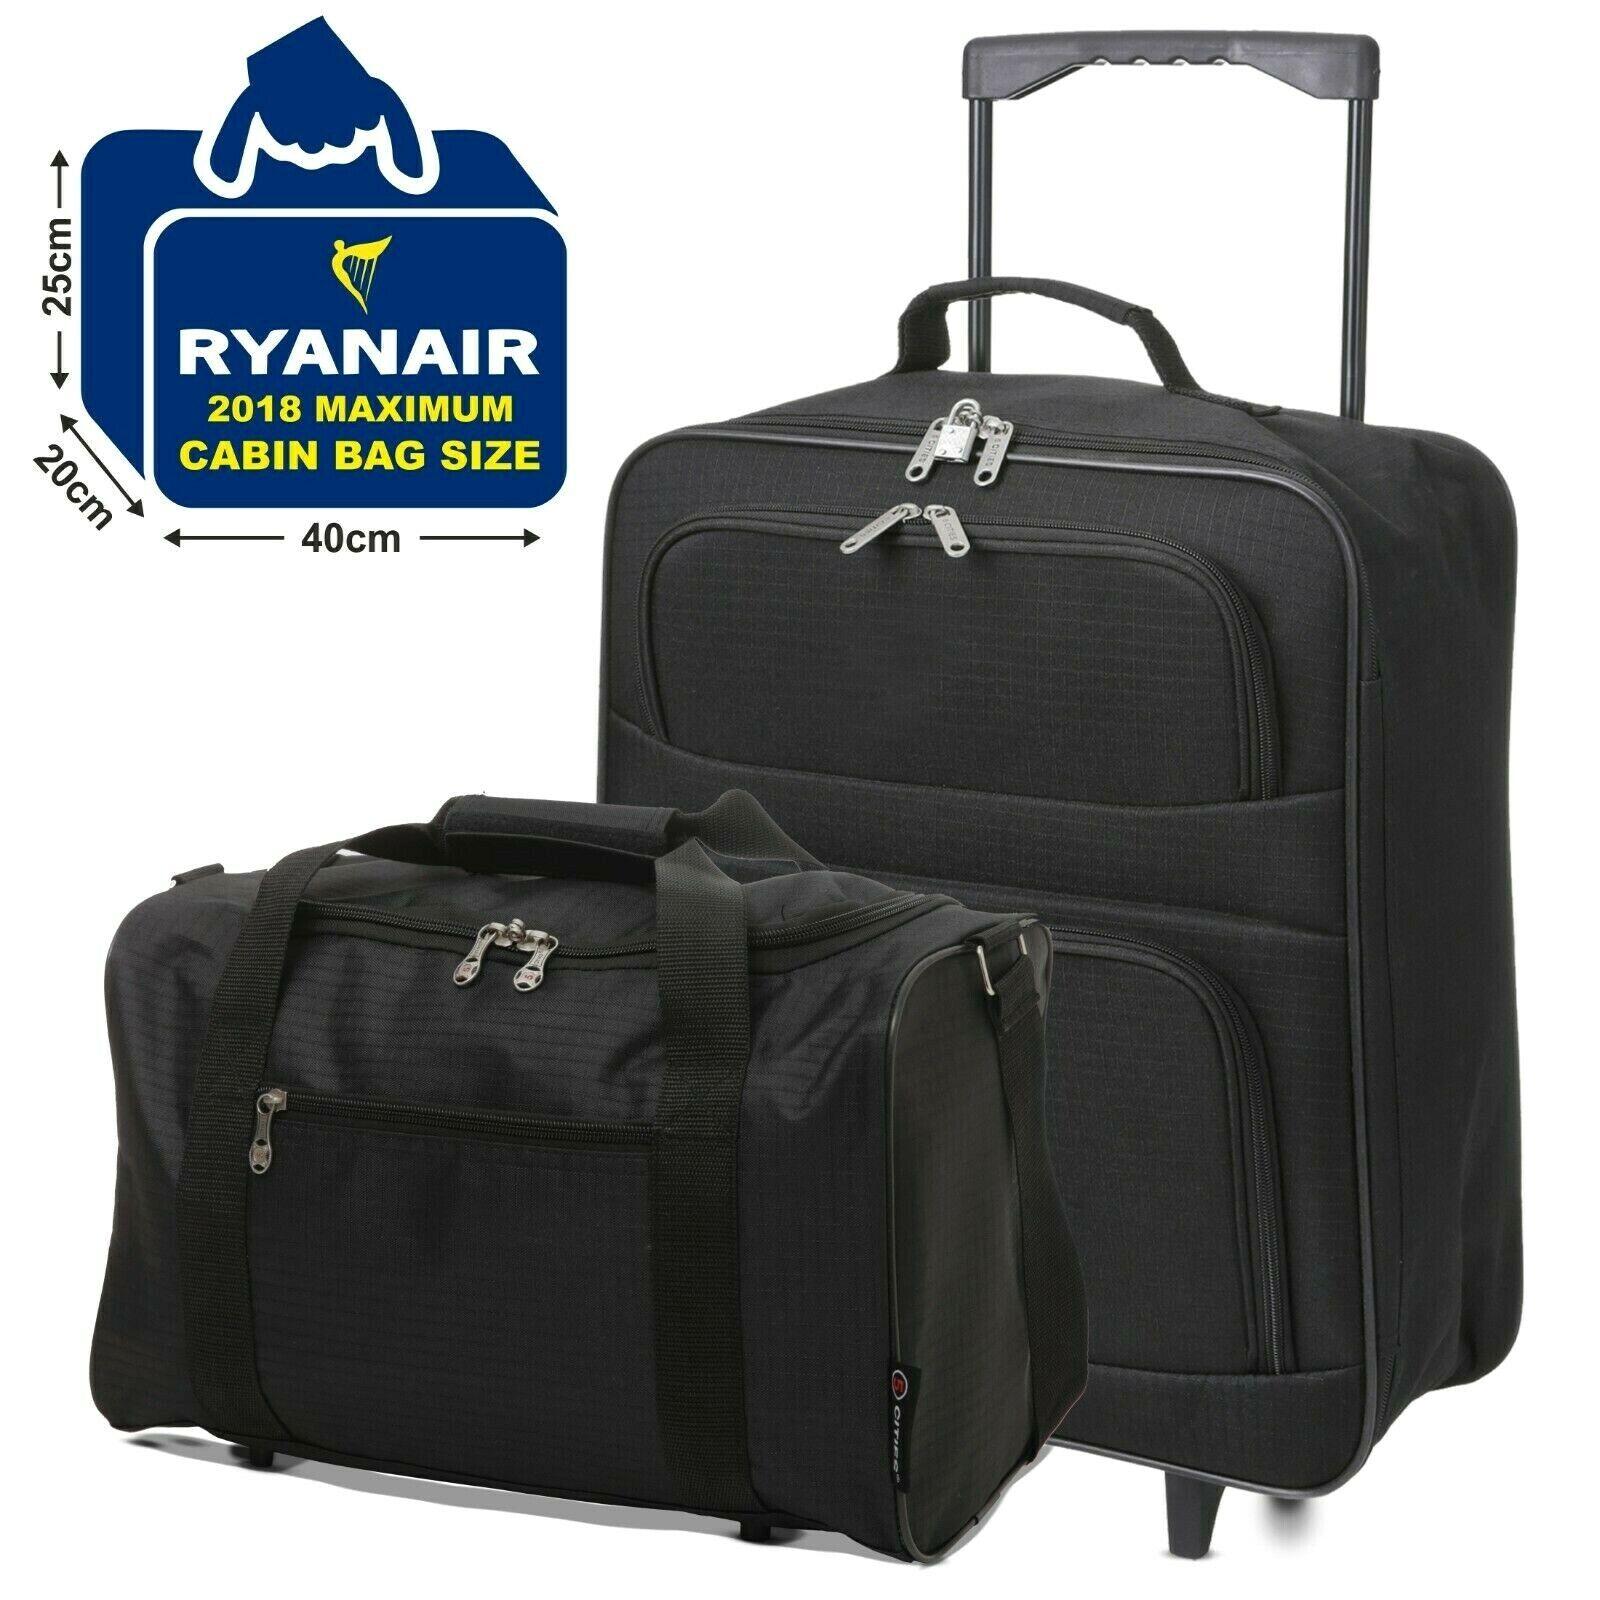 Cabin Max X Borsone   Borsa da cabina Ryanair 40x20x25